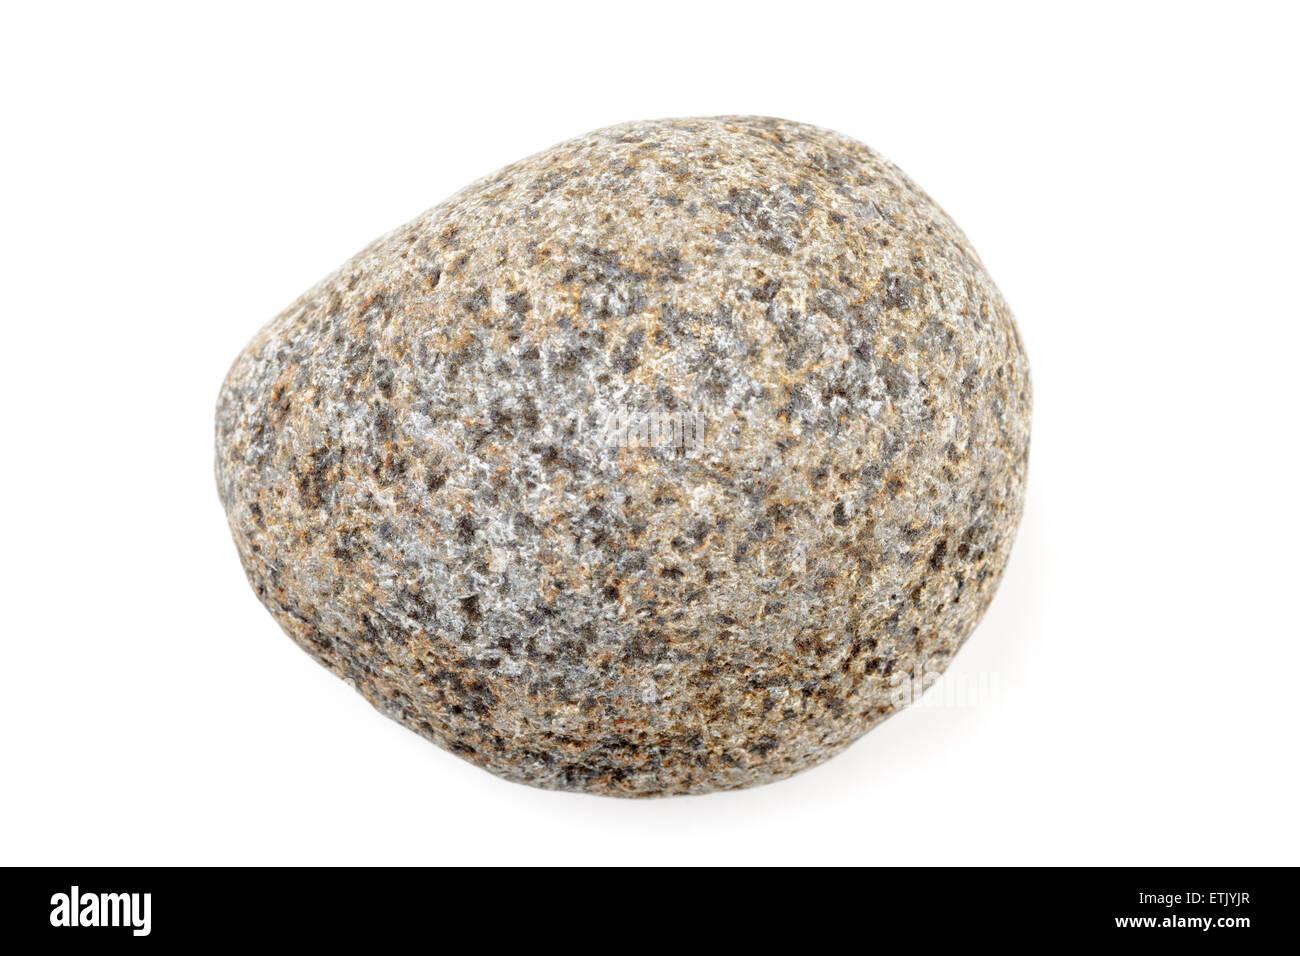 Granite - Stock Image